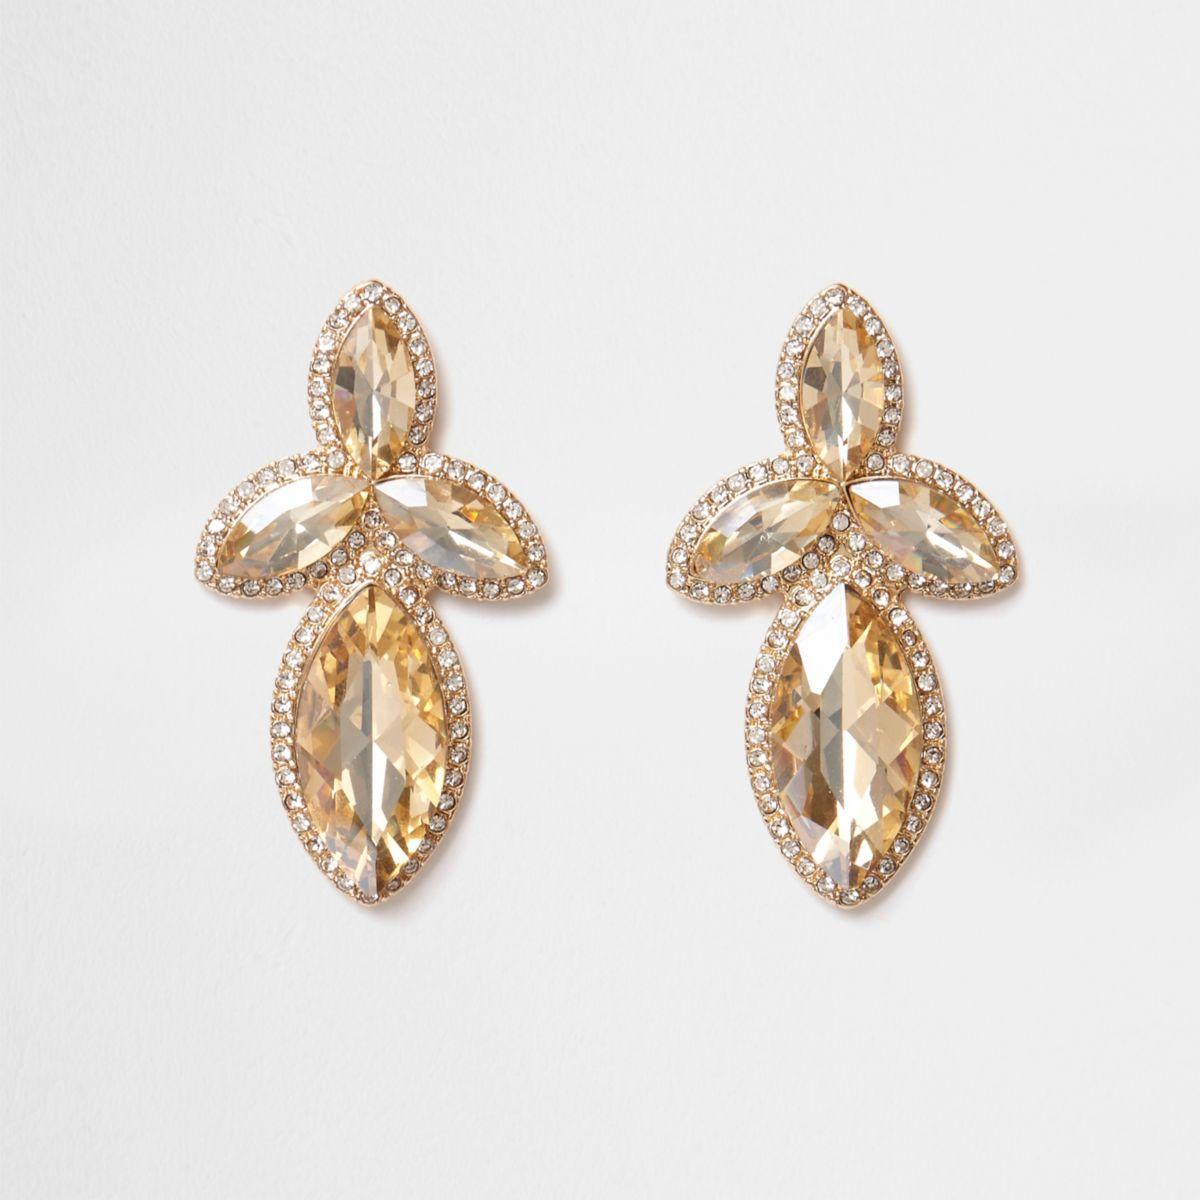 Gold tone jewel embellished drop earrings